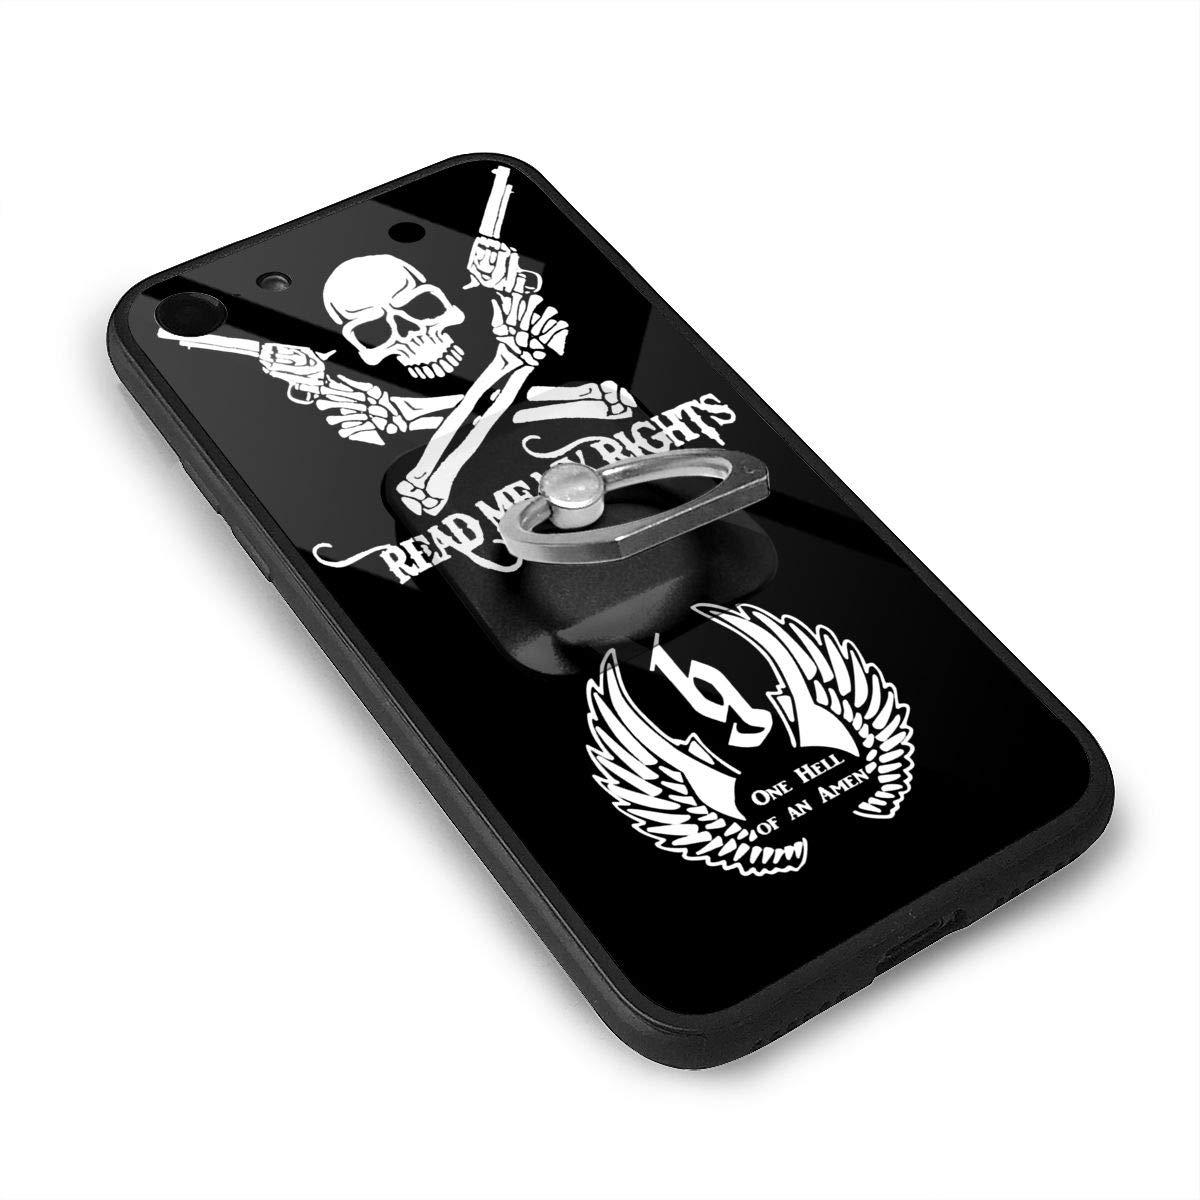 brantley gilbert baby iphone case